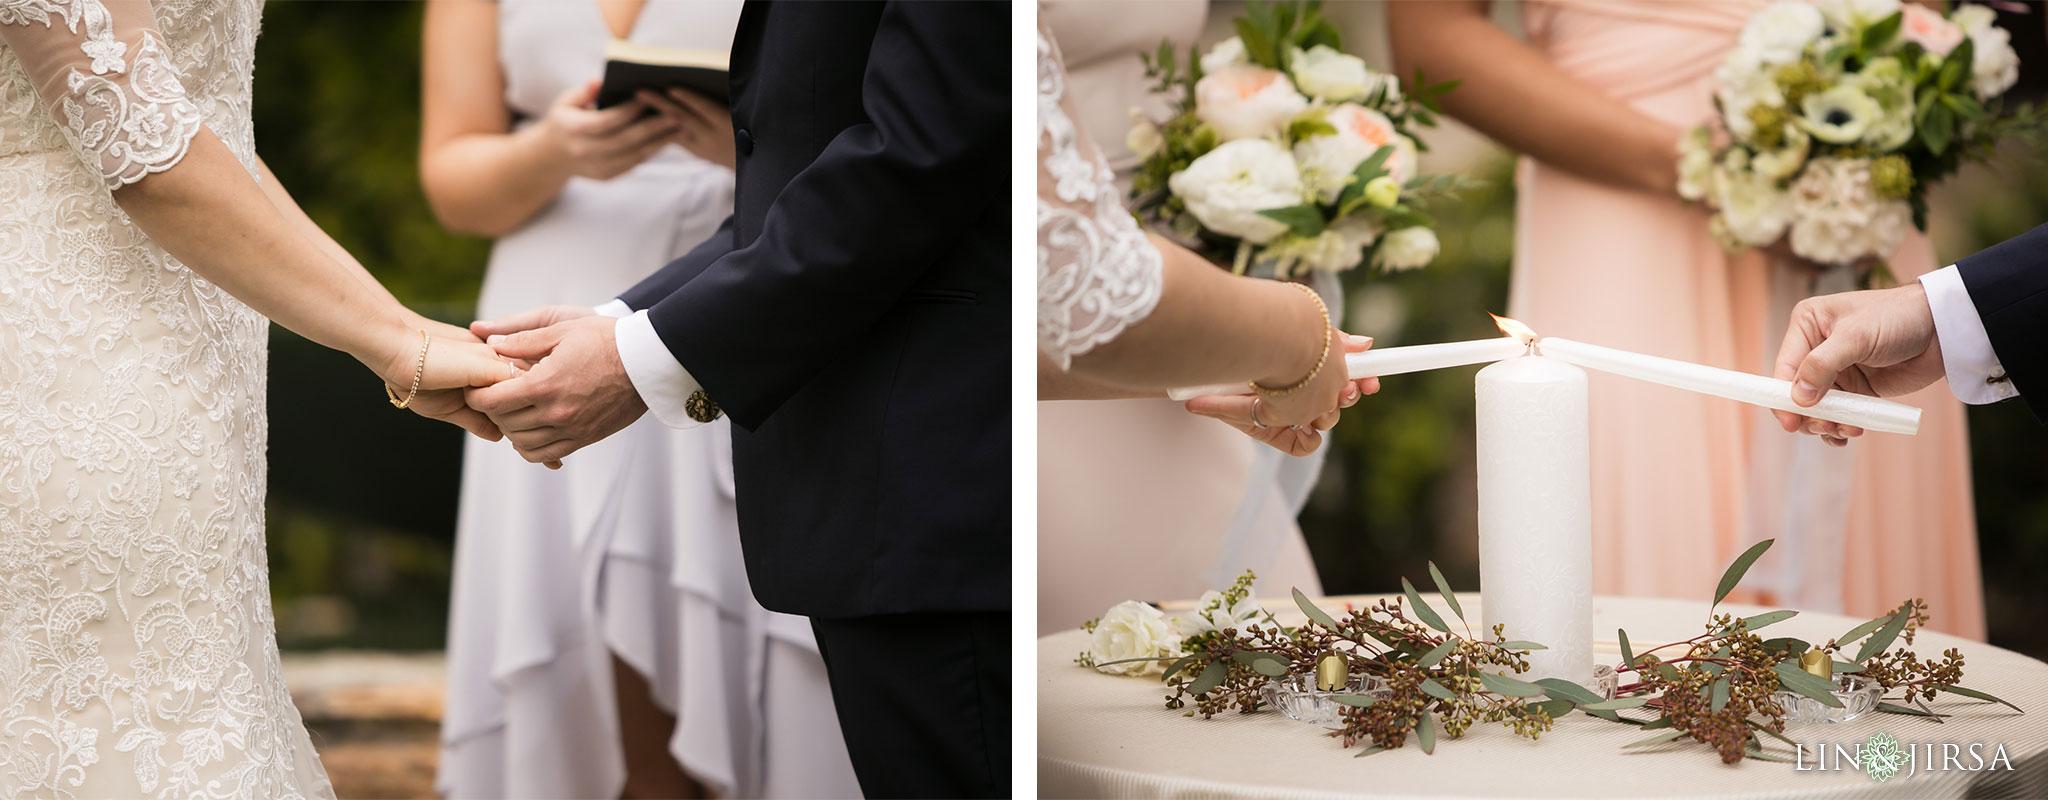 19 estancia la jolla hotel and spa wedding ceremony photography